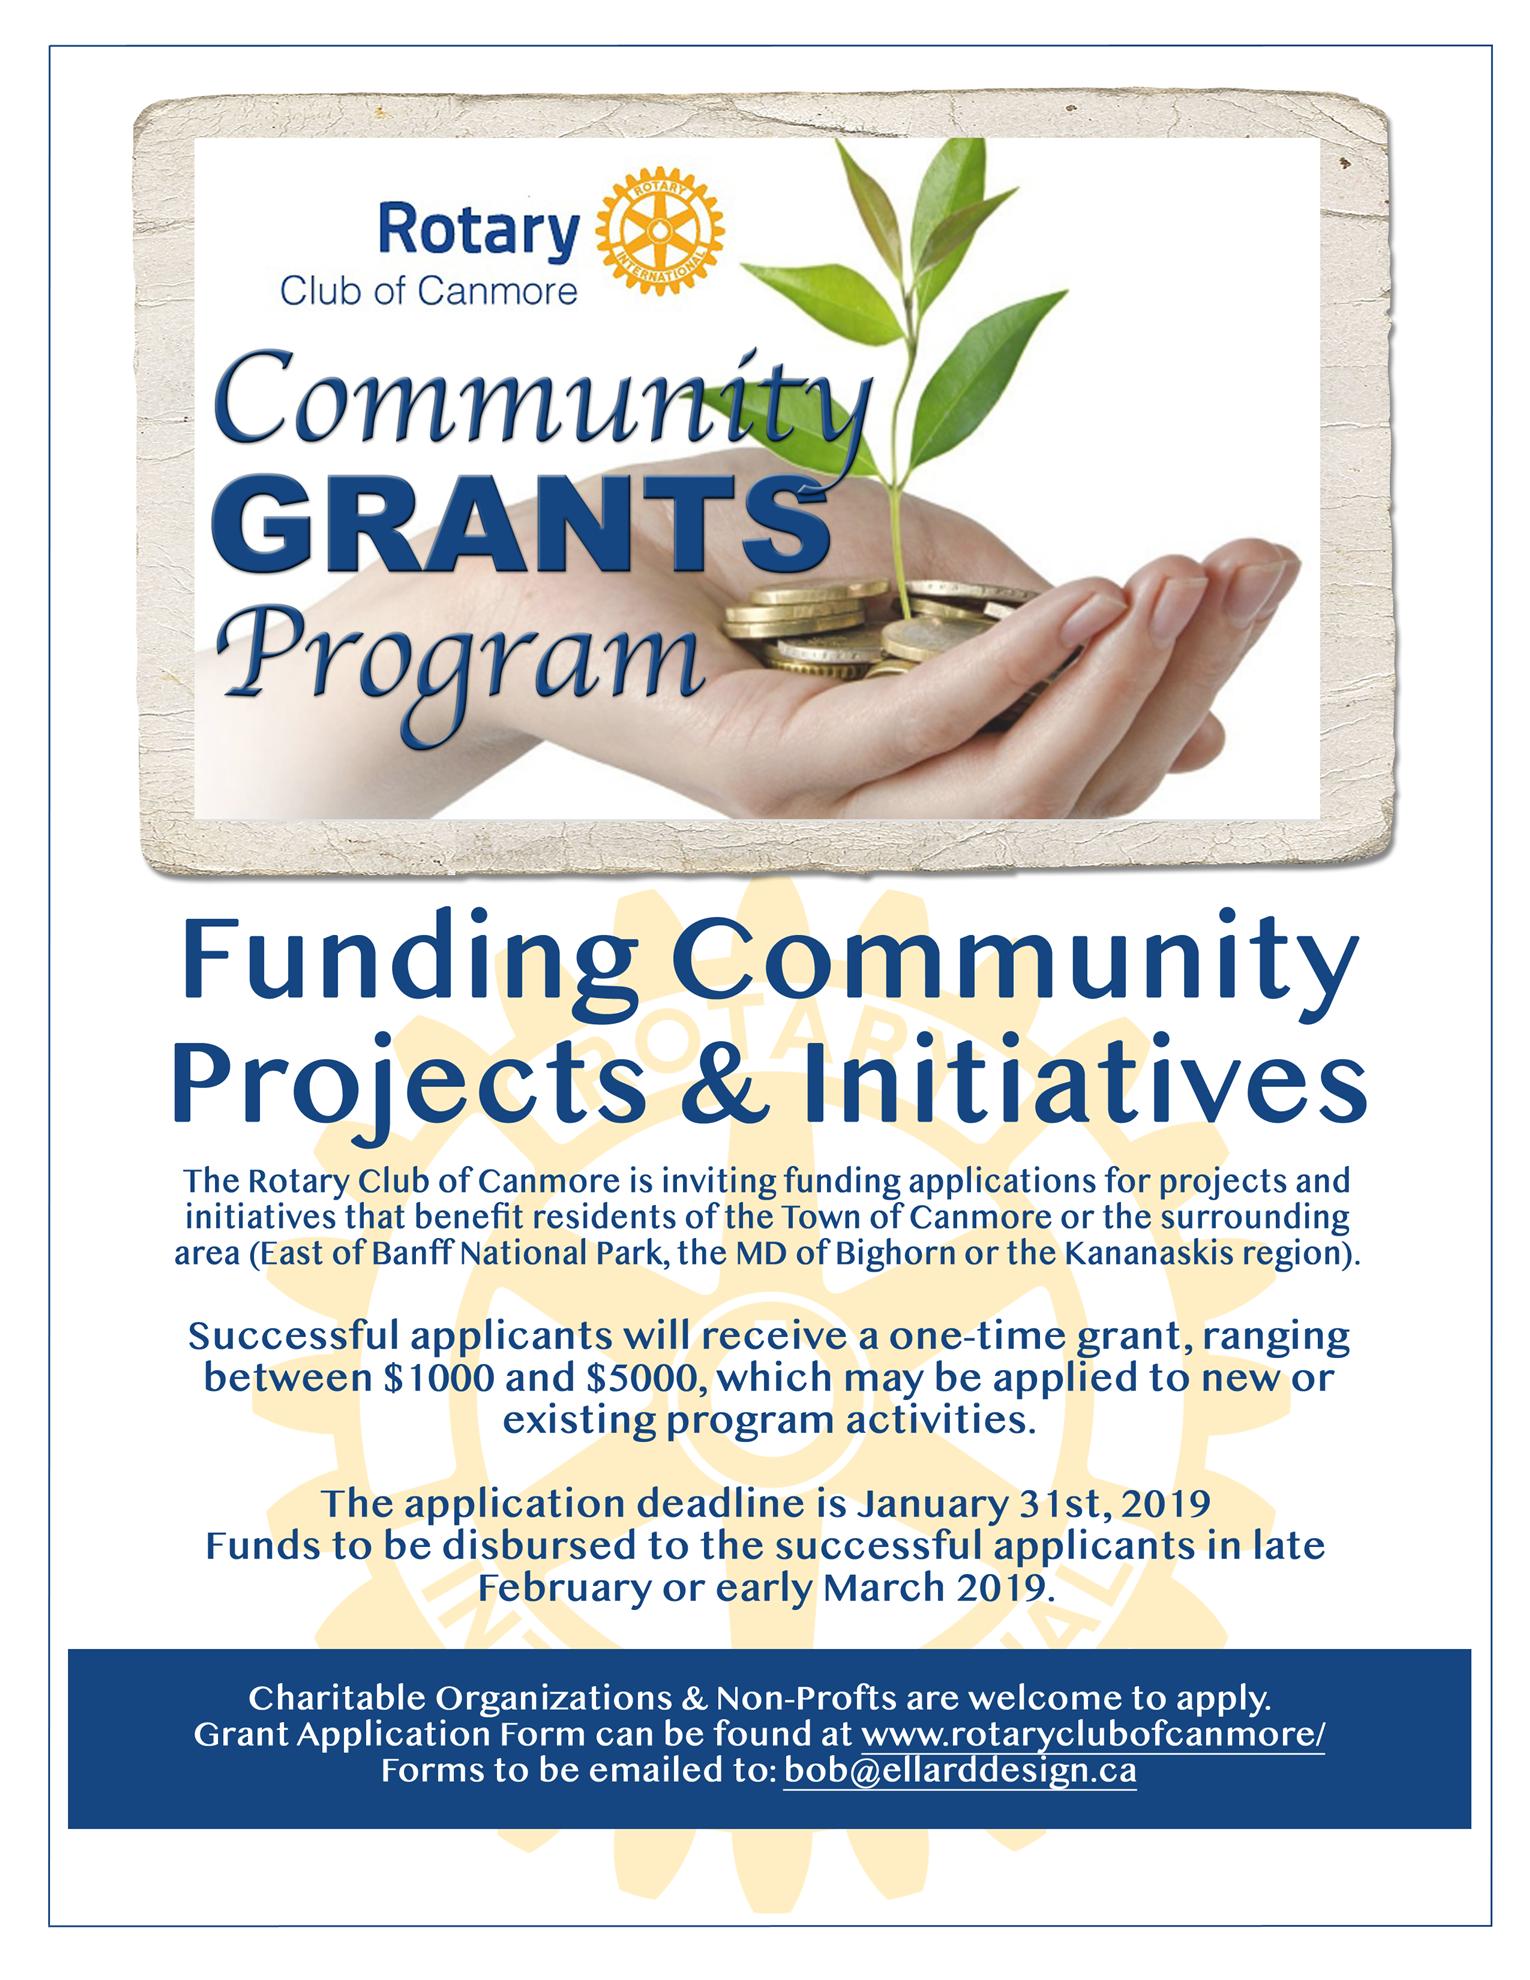 program bc7 grant application.ca